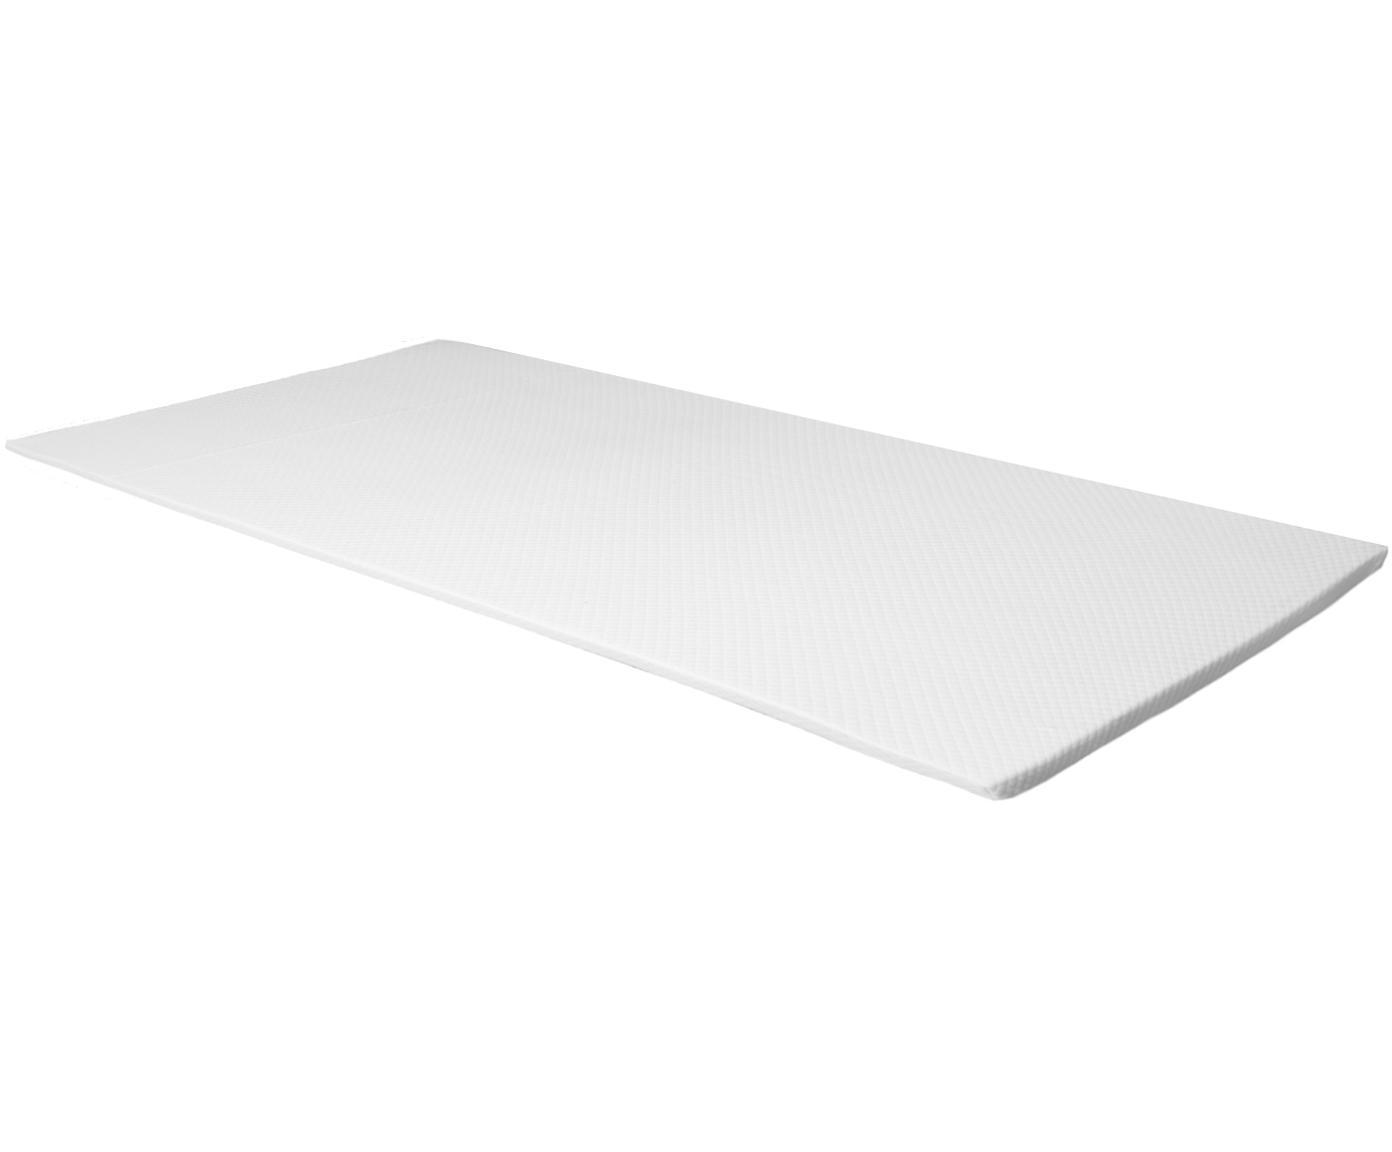 Viscoelastische Memory-Foam Matratzenauflage Premium, Bezug: 60% Polyester, 40% Viskos, Weiß, 90 x 200 cm